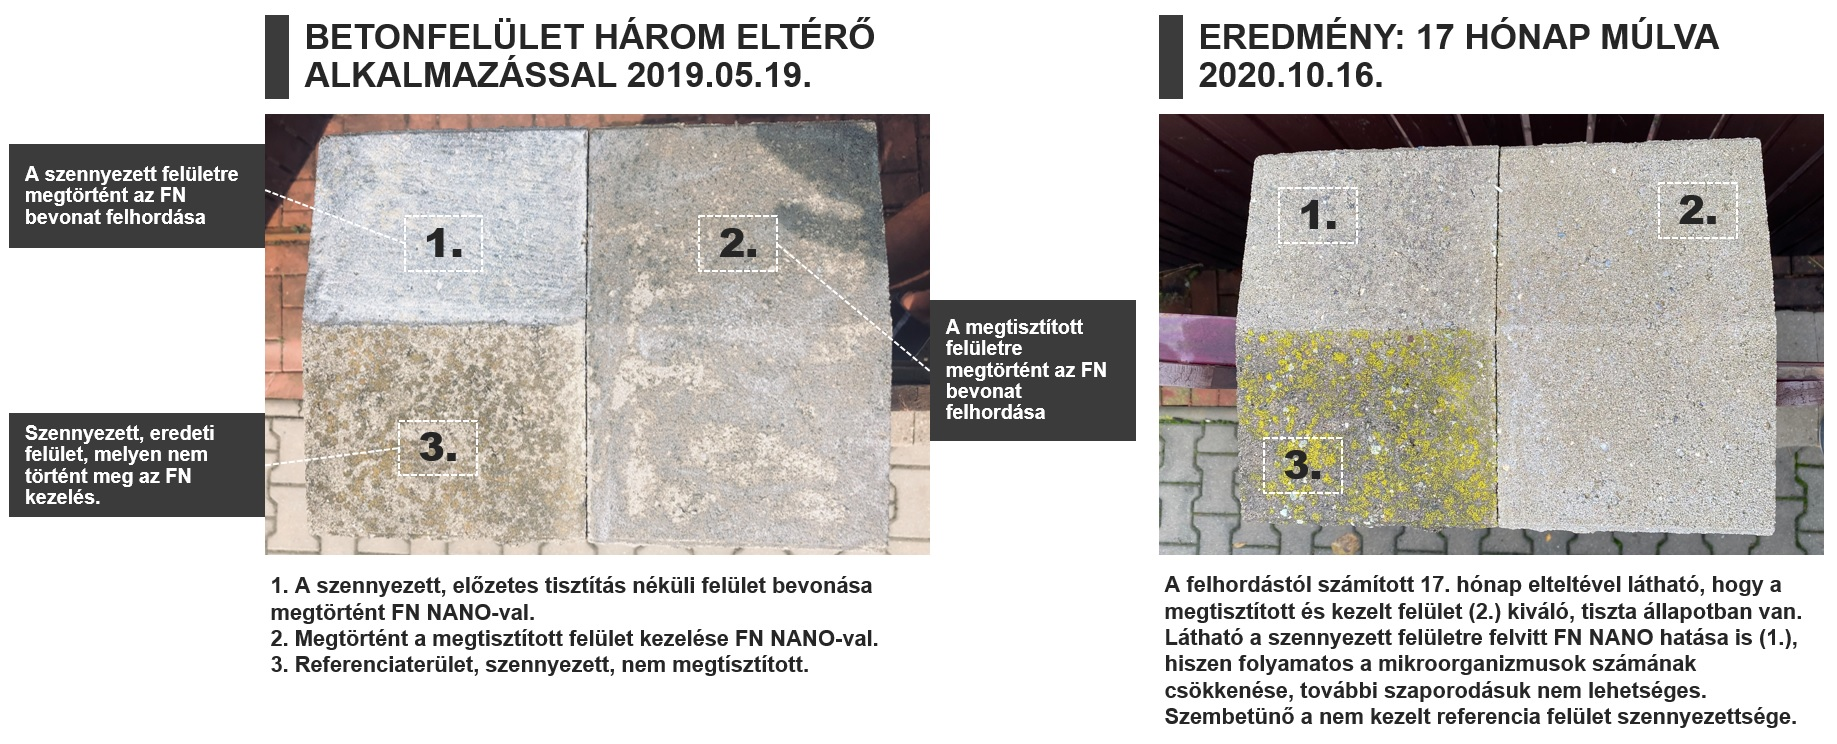 A betonfelület védelme